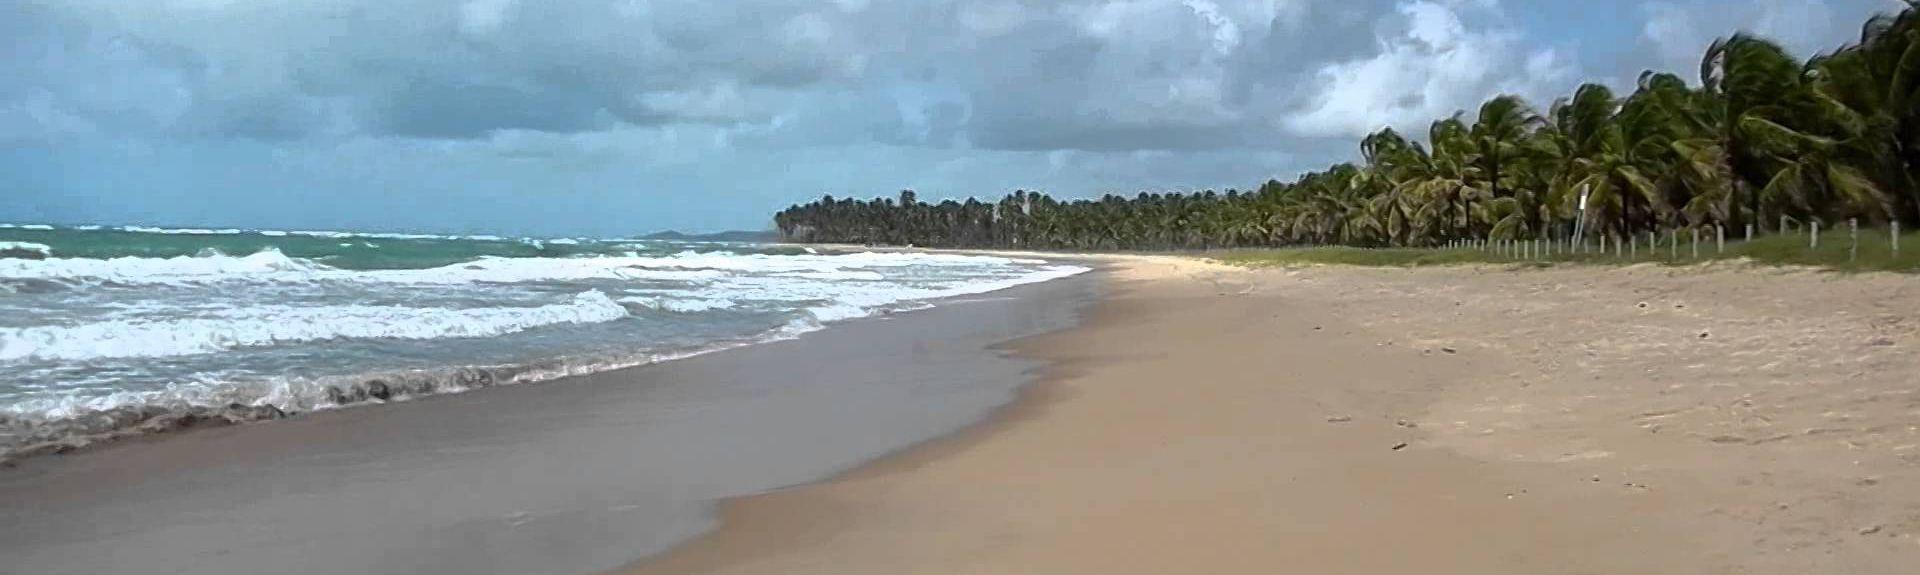 Pernambuco, Brasil